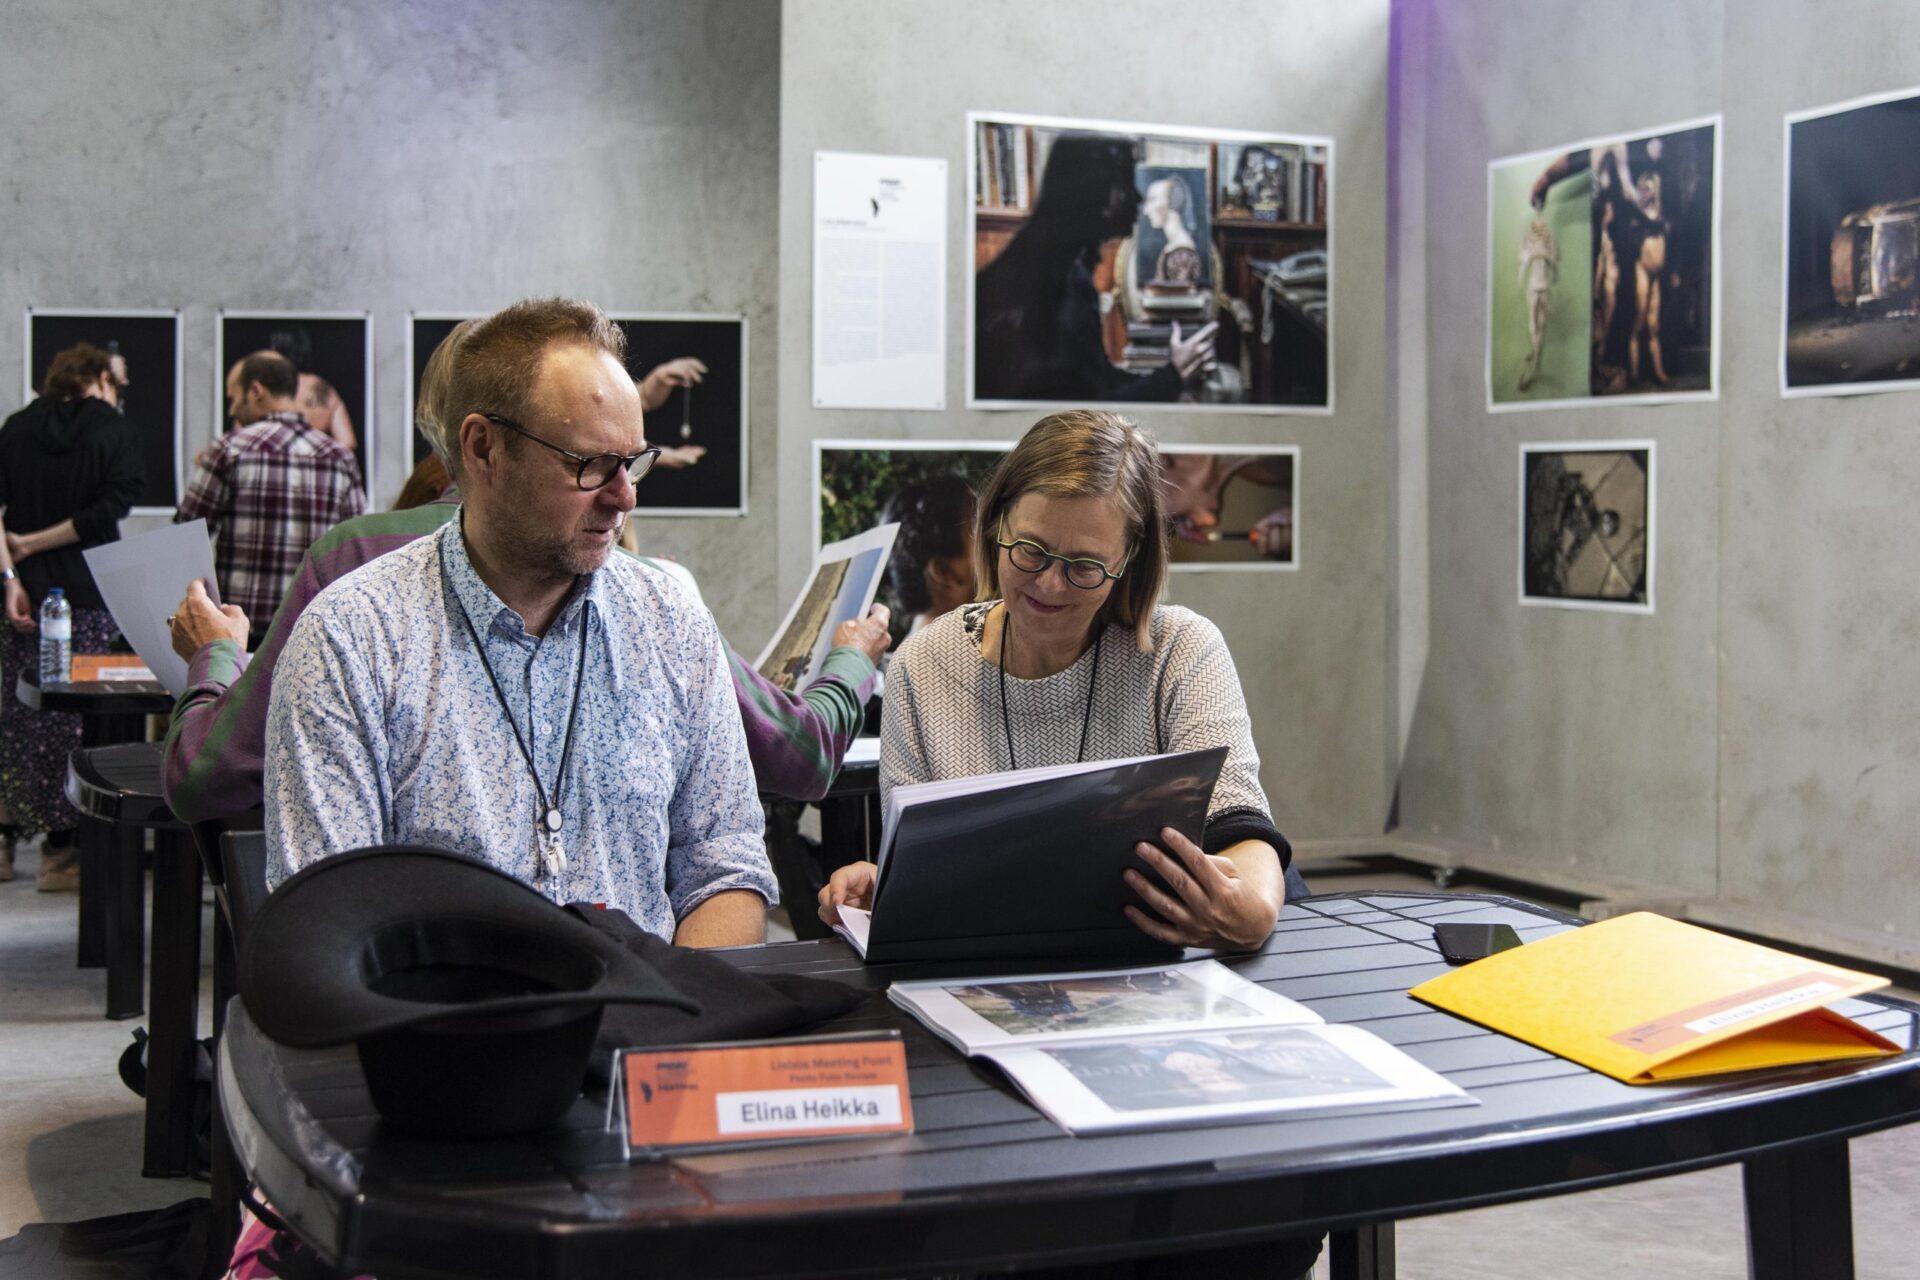 Imago; Festival de Fotografia; Leitura de Portfólios; Carpintarias São Lázaro; Exposição; Lisboa; © Hugo David 2019